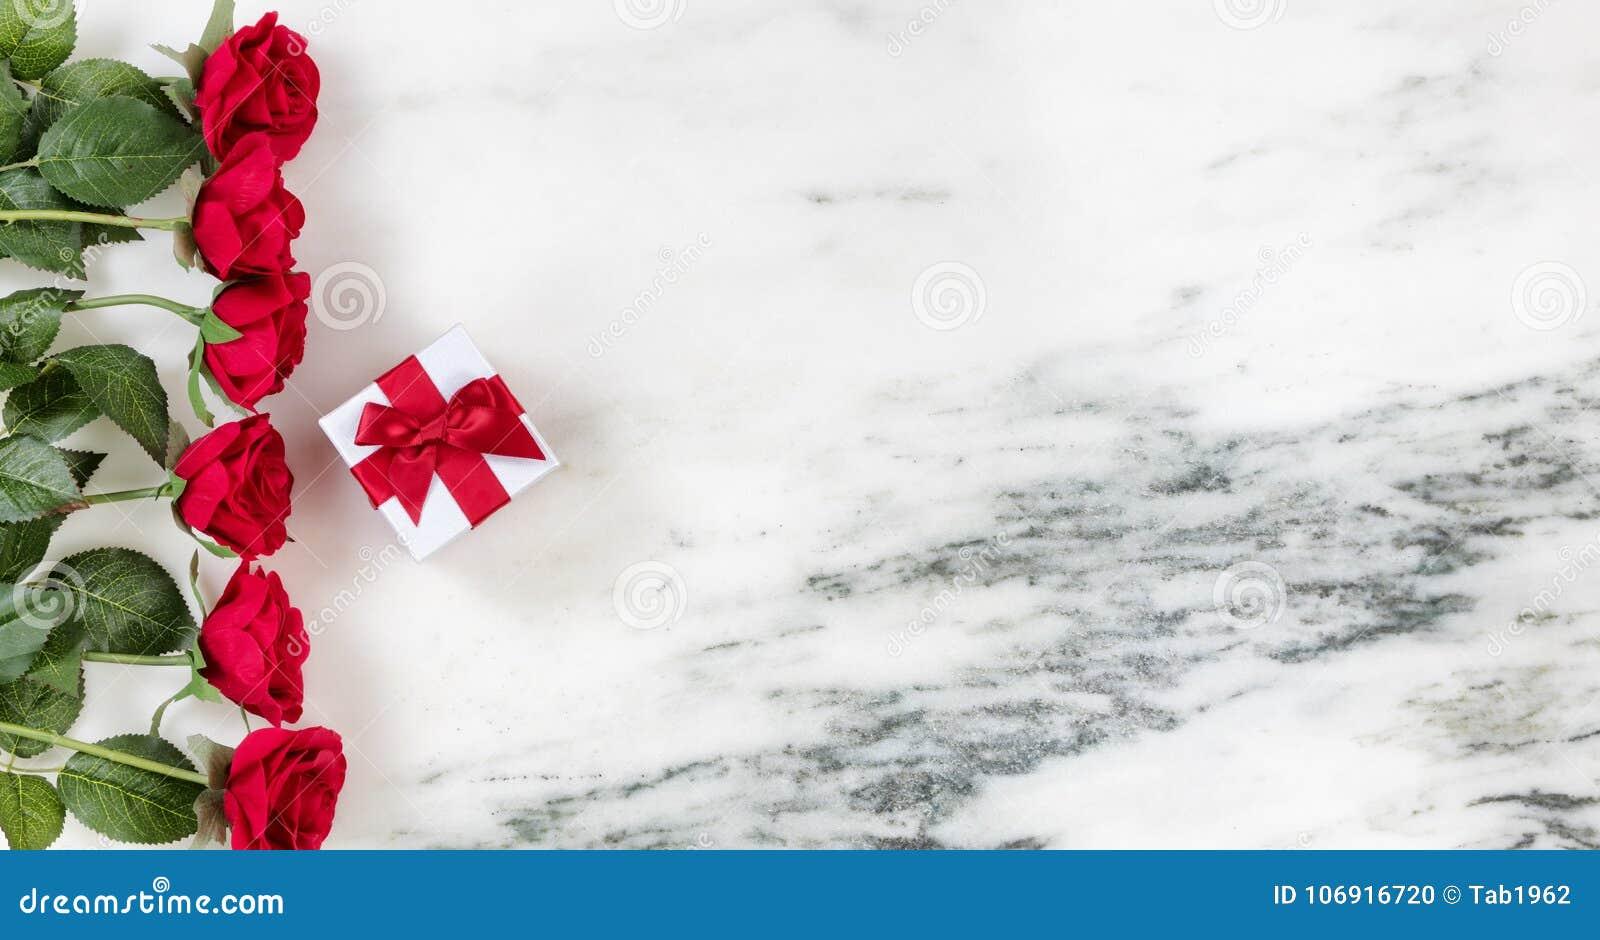 Czerwona miłość dla sezonu wakacyjnego na marmurowym tle